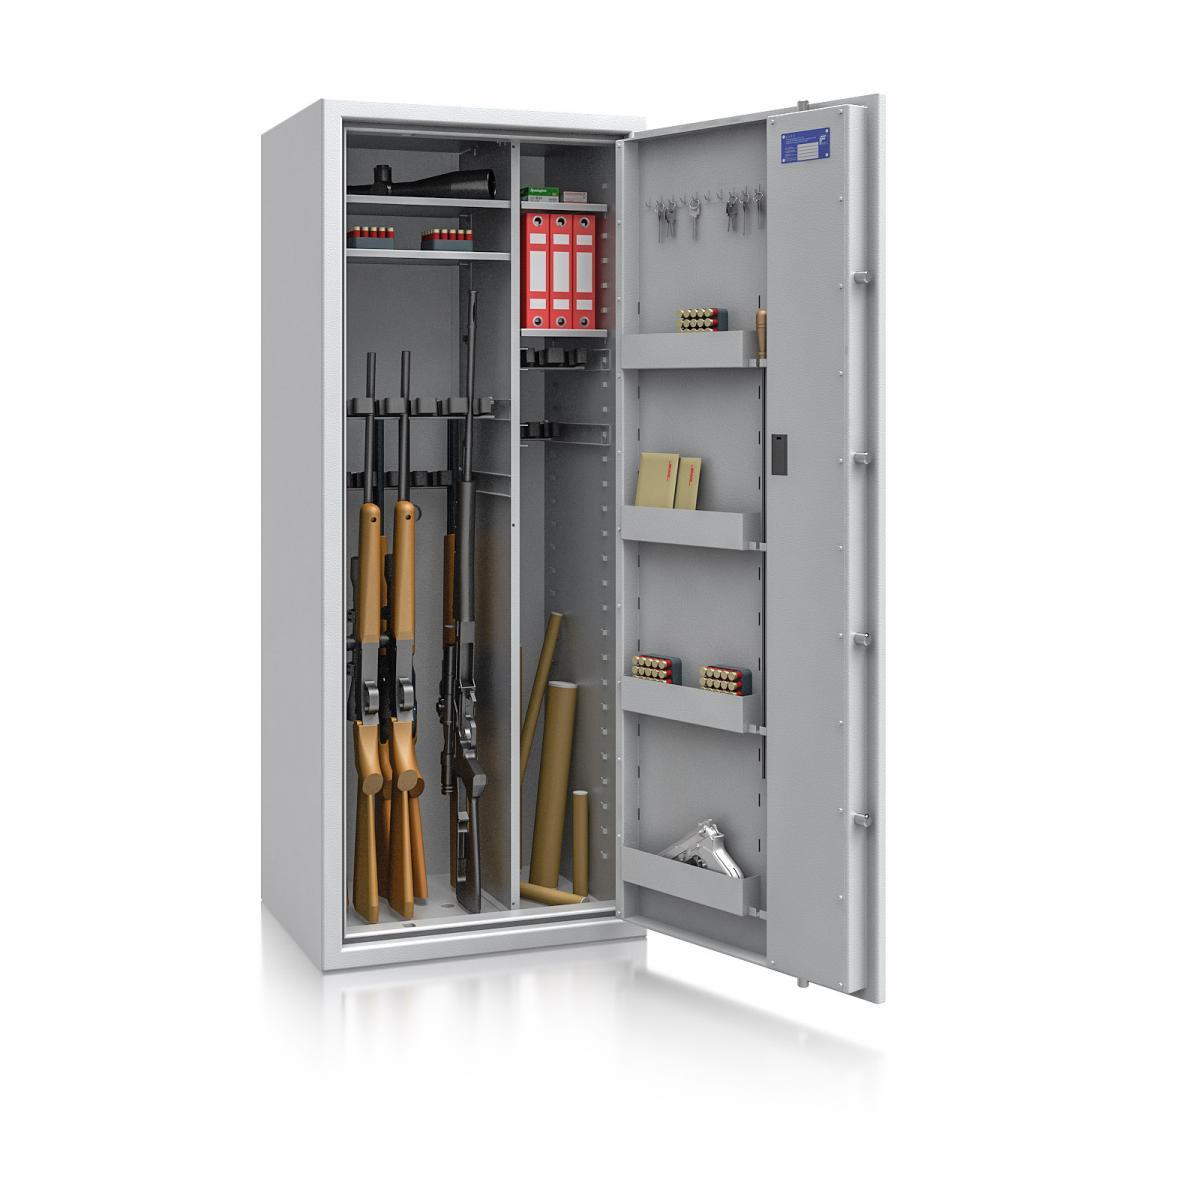 Waffenschrank Luzern WF MAX Kombi 3 - 1600x655x500 / 242kg 55634 / Klasse 0 / RAL7035 / Schlüssel / DIN R / mit Trennw.